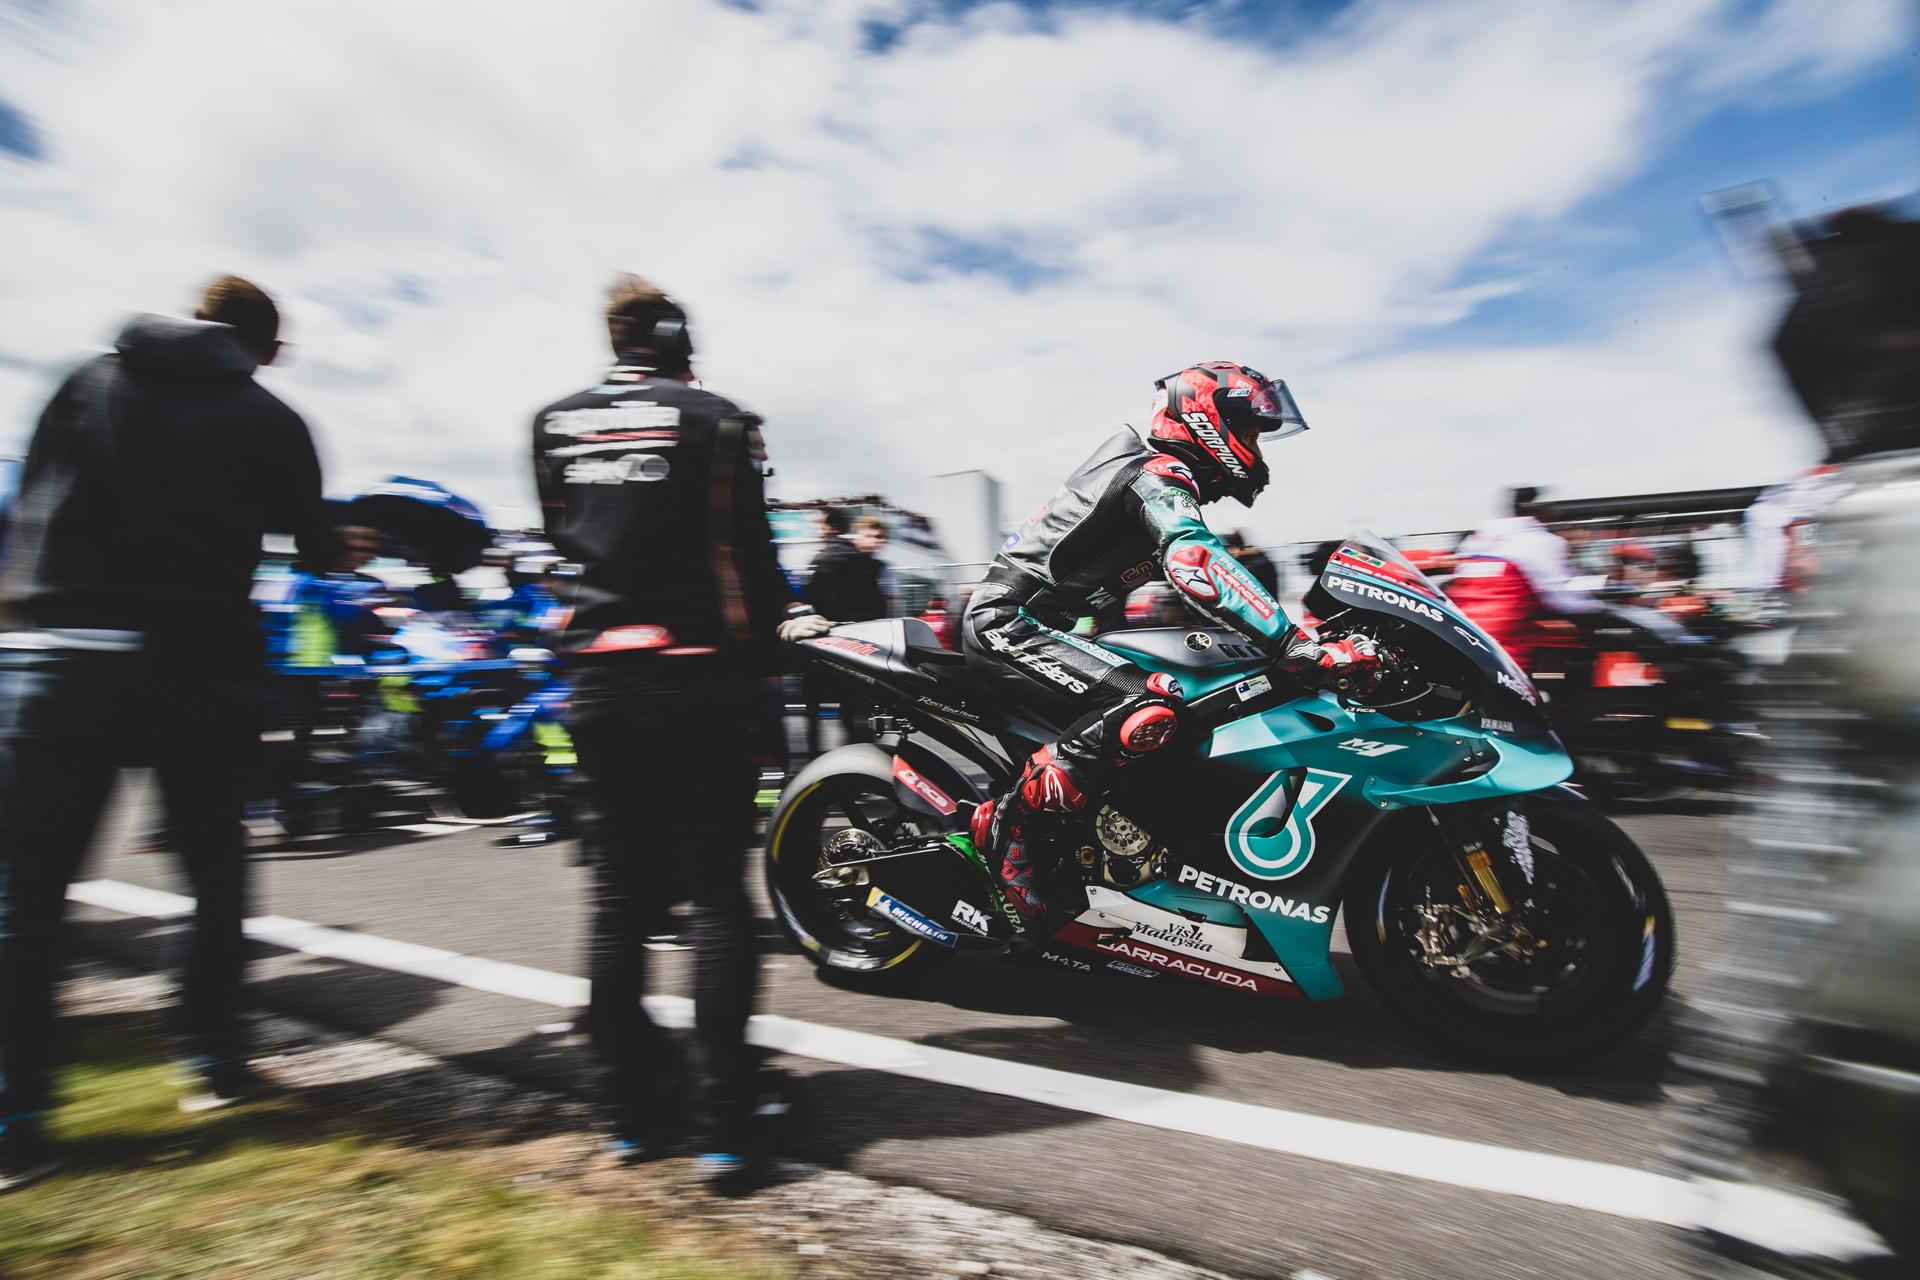 Velká cena Austrálie MotoGP 2019 |Foto Václav Duška Jr.